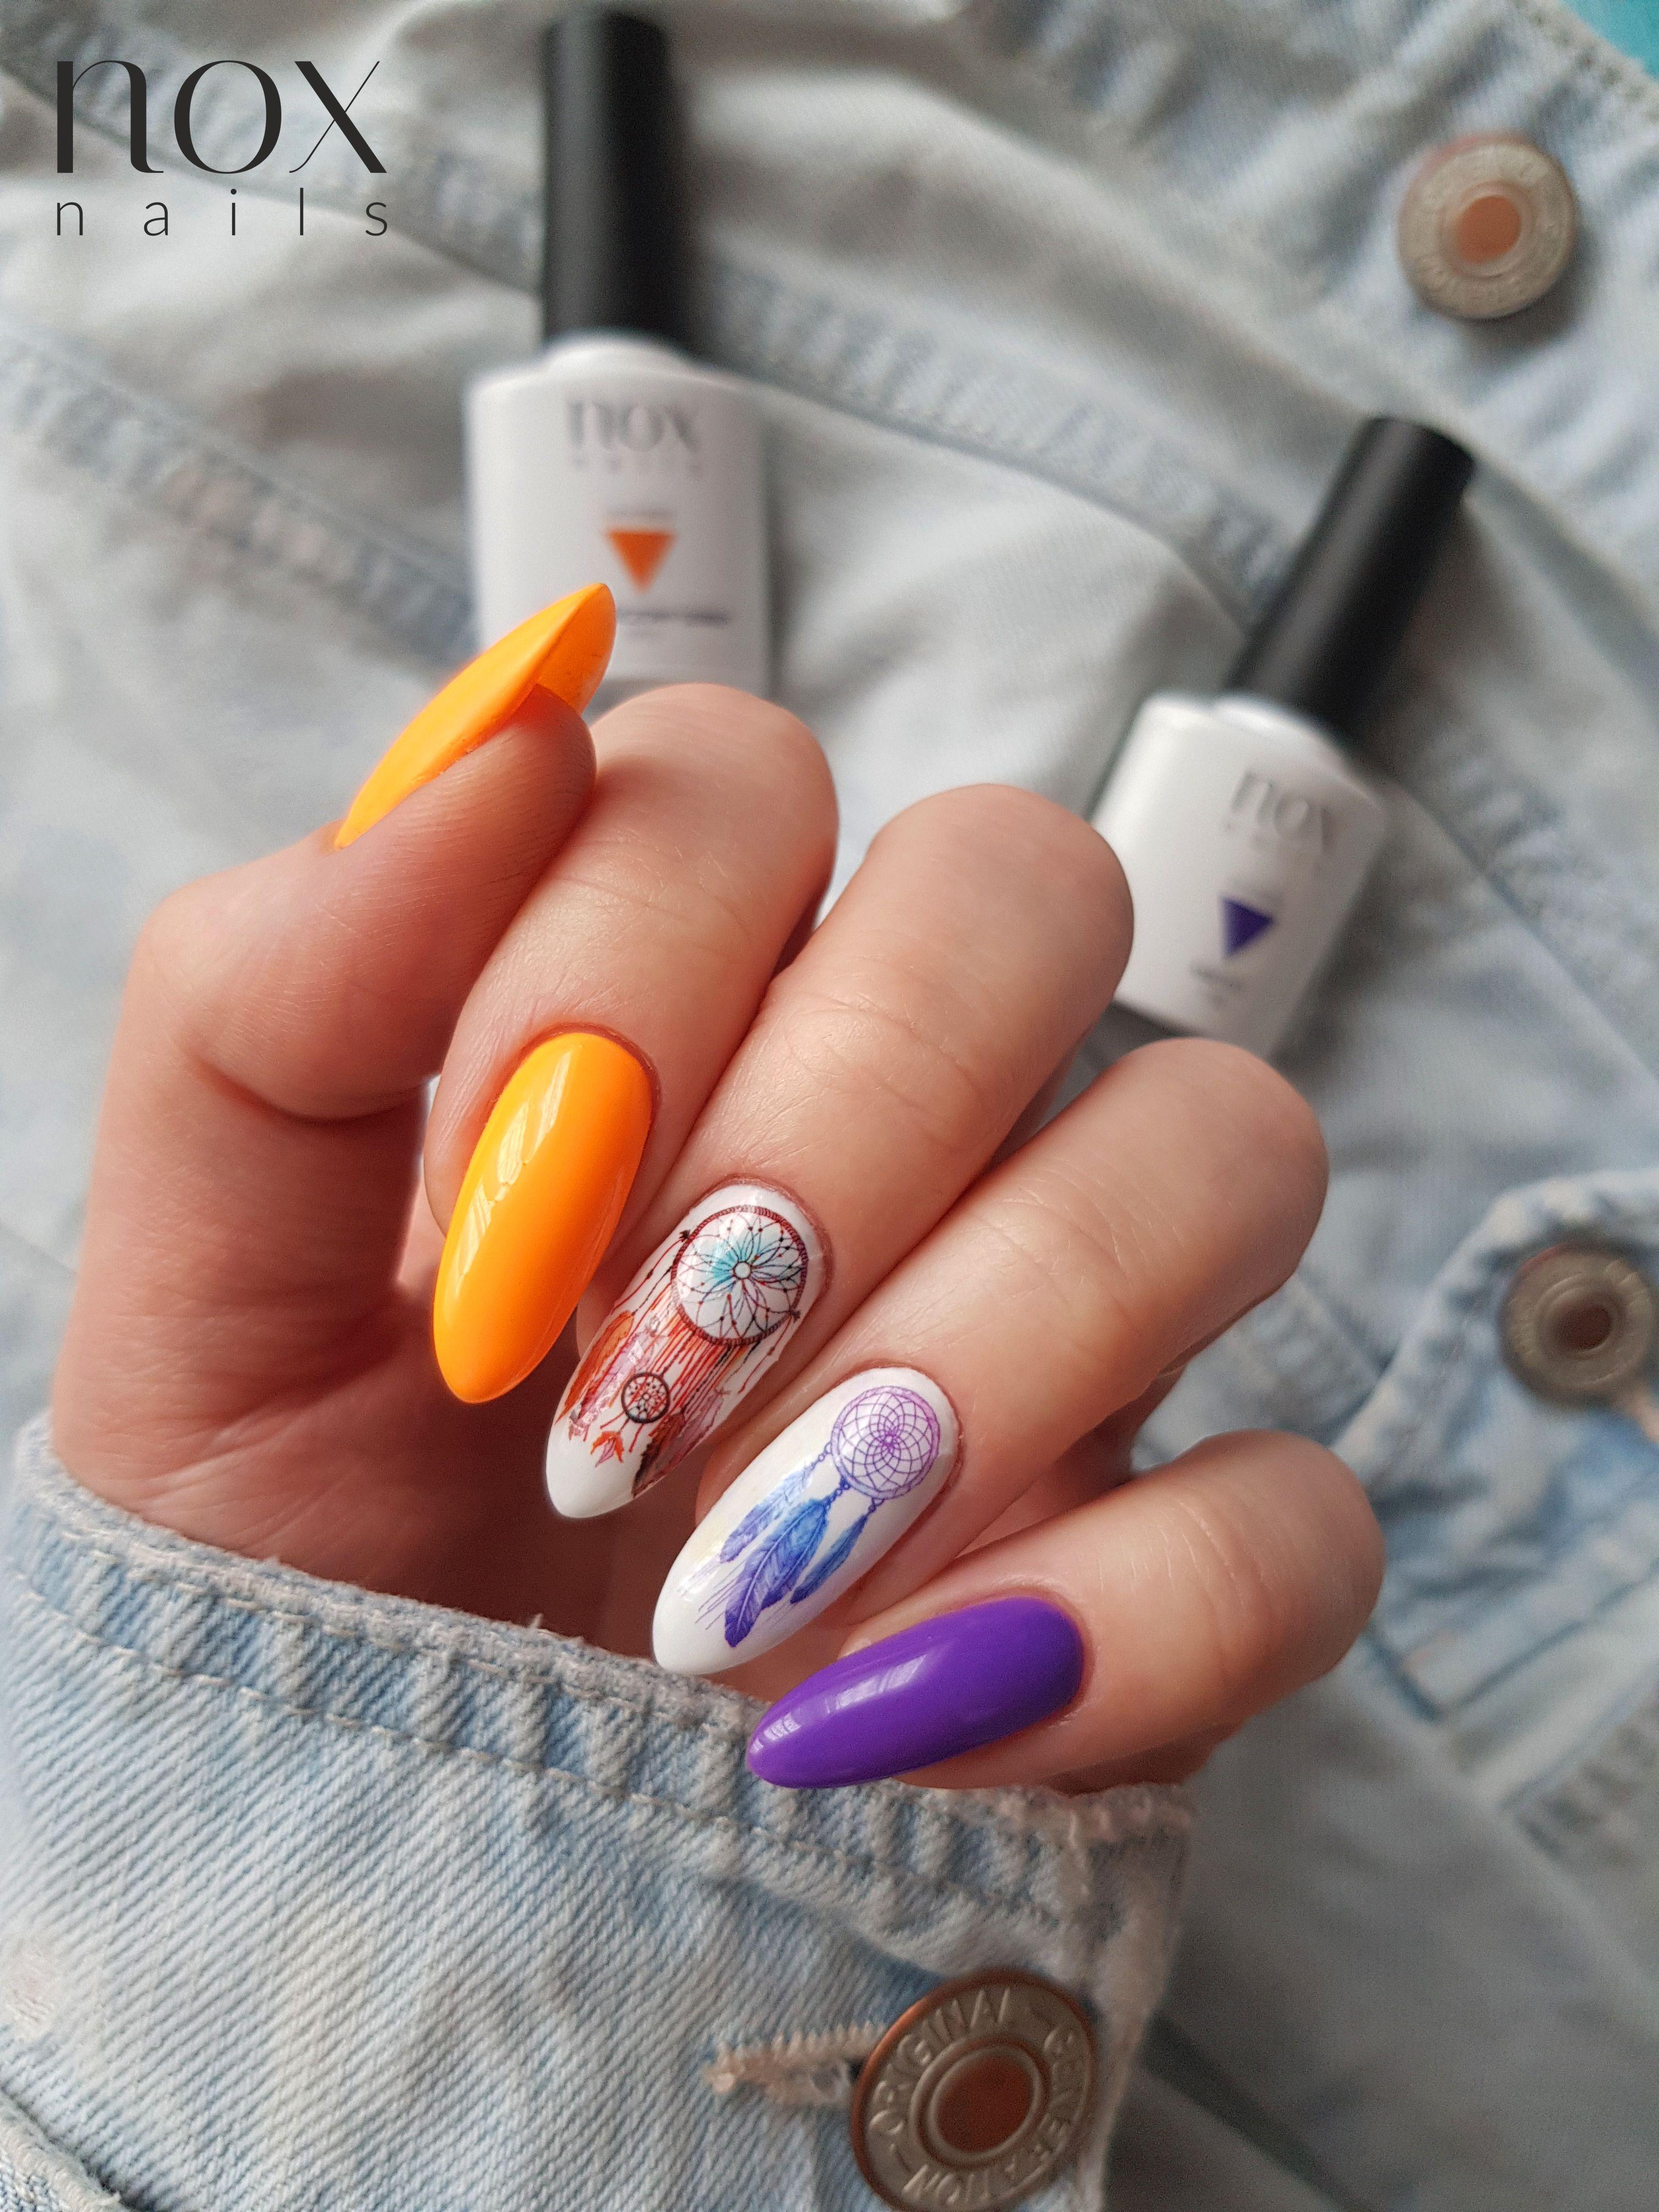 Nox Nails Profesjonalne Produkty Do Stylizacji Paznokci